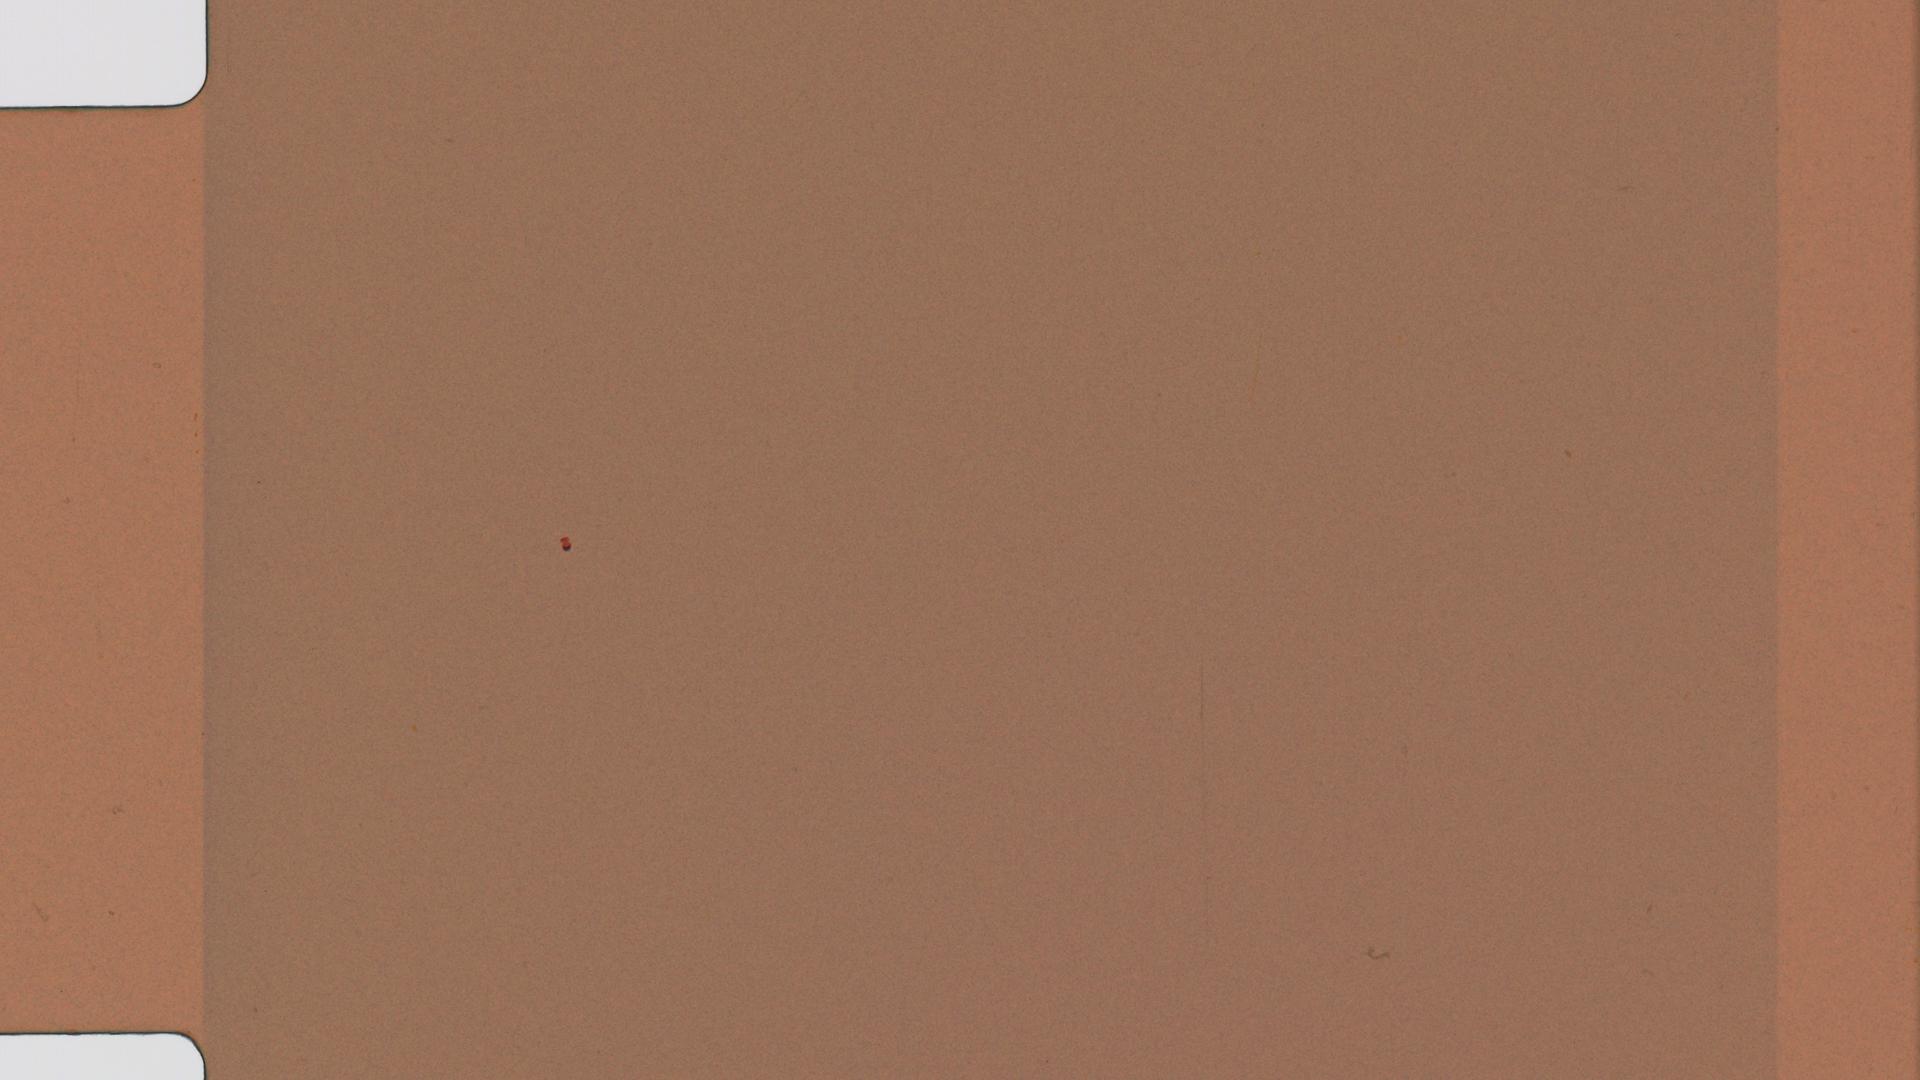 4k_film_grain_overlay